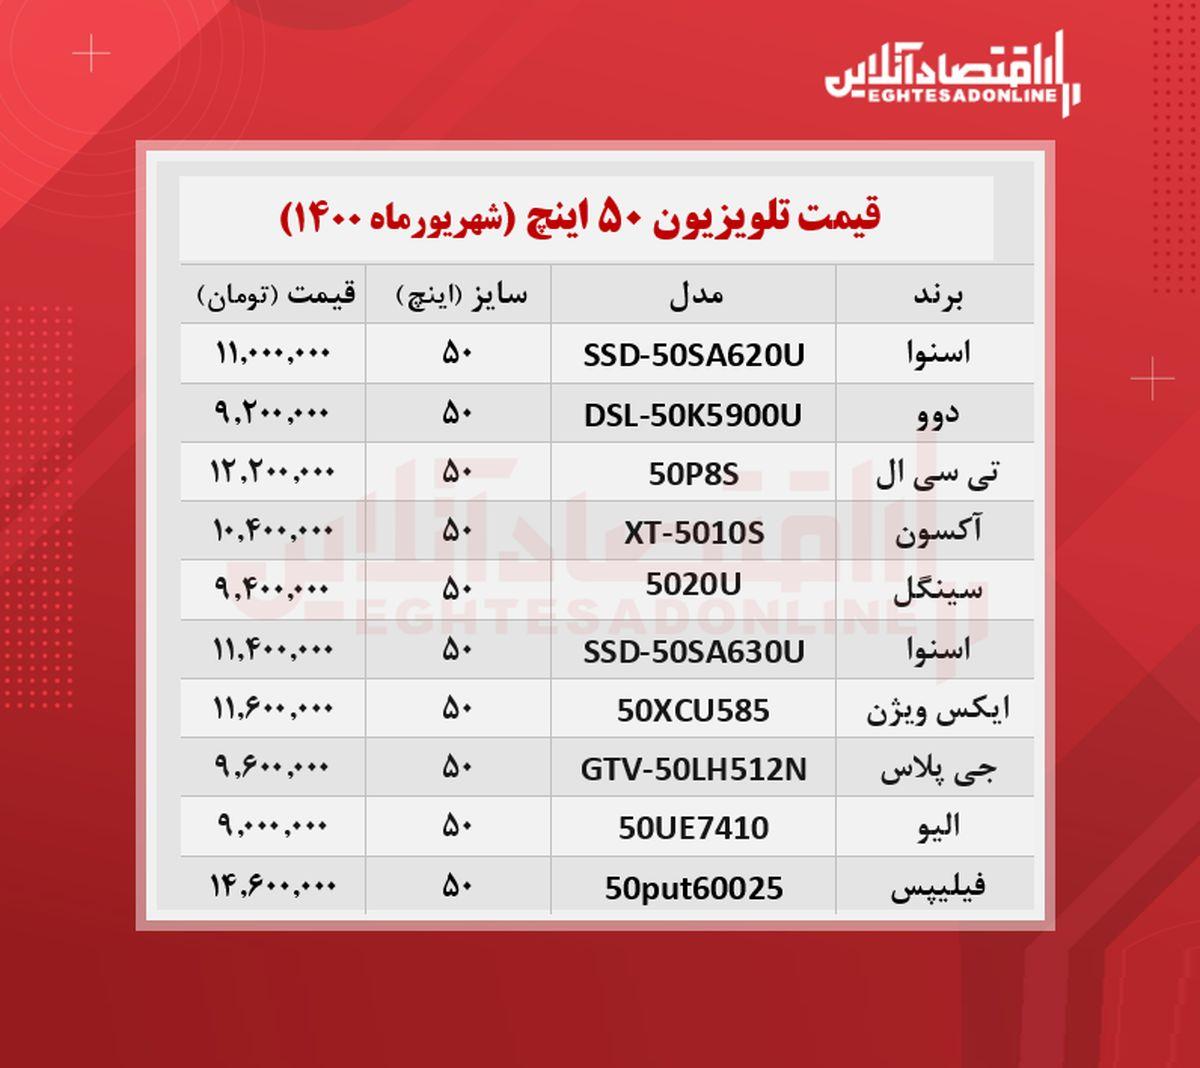 قیمت تلویزیون ۵۰اینچ / ۶شهریورماه